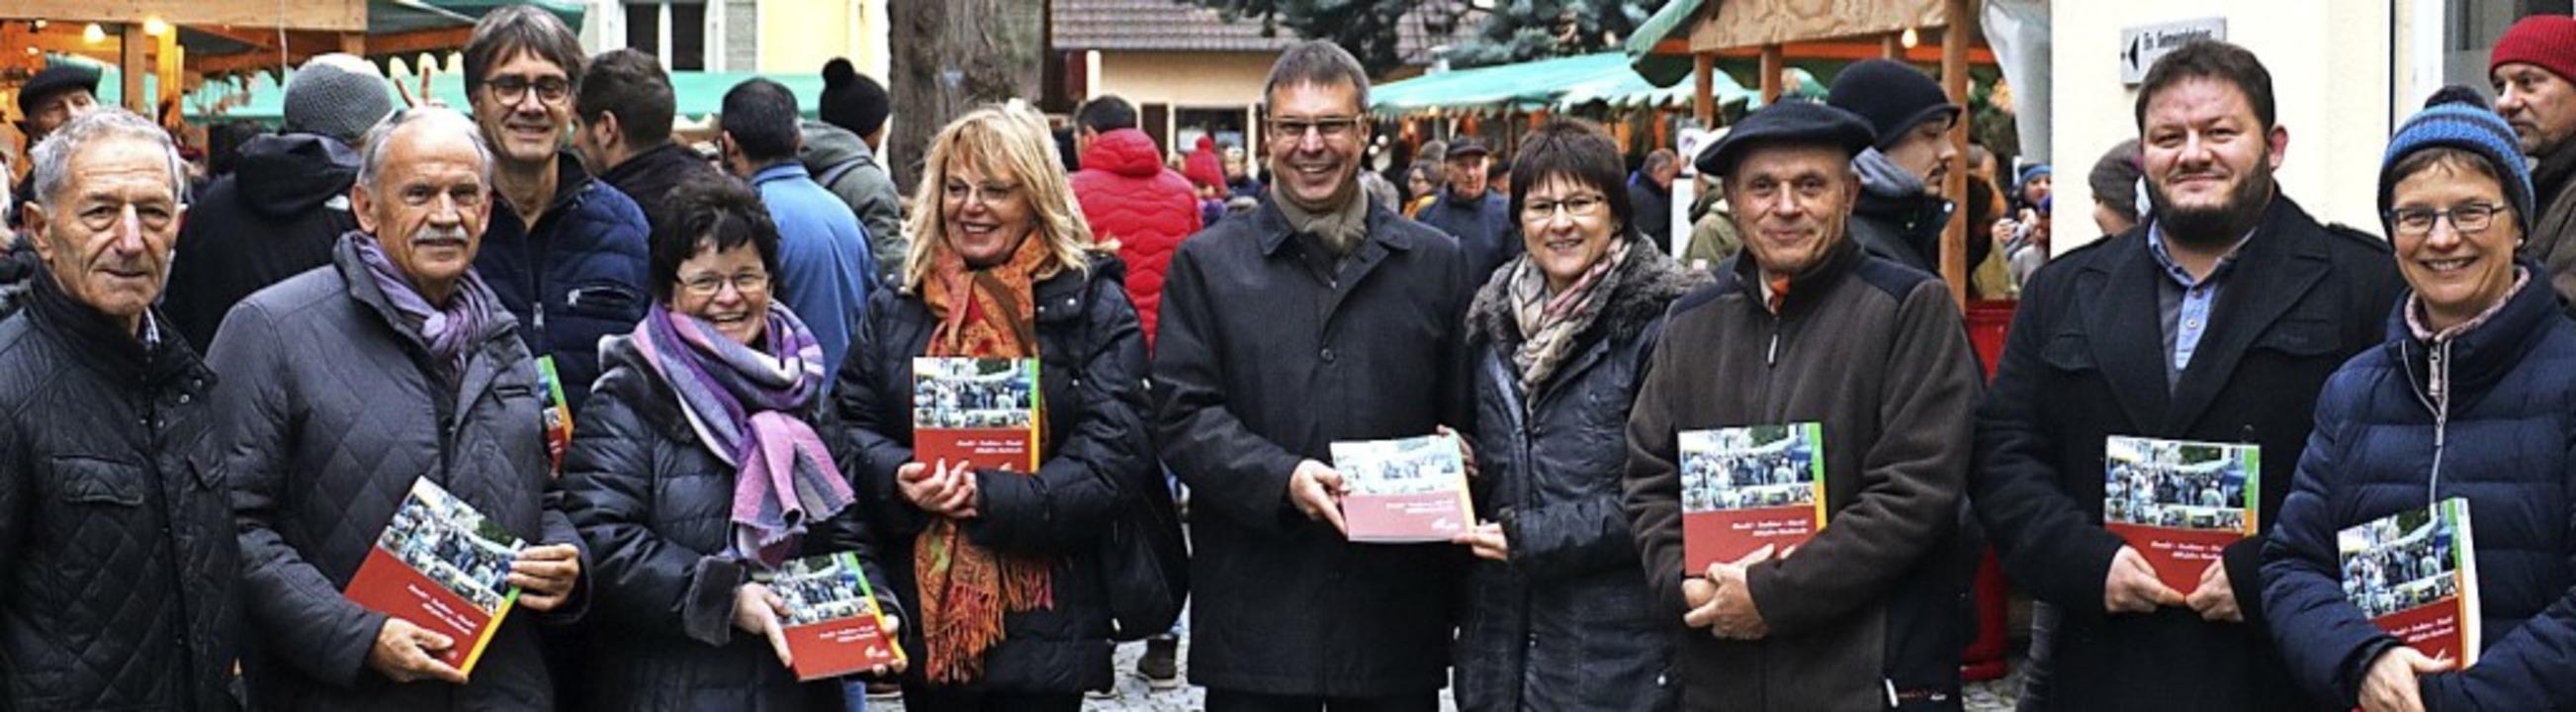 Auf dem Weihnachtsmarkt präsentierten die Initiatoren ihr neuestes Werk.   | Foto: Christa Rinklin